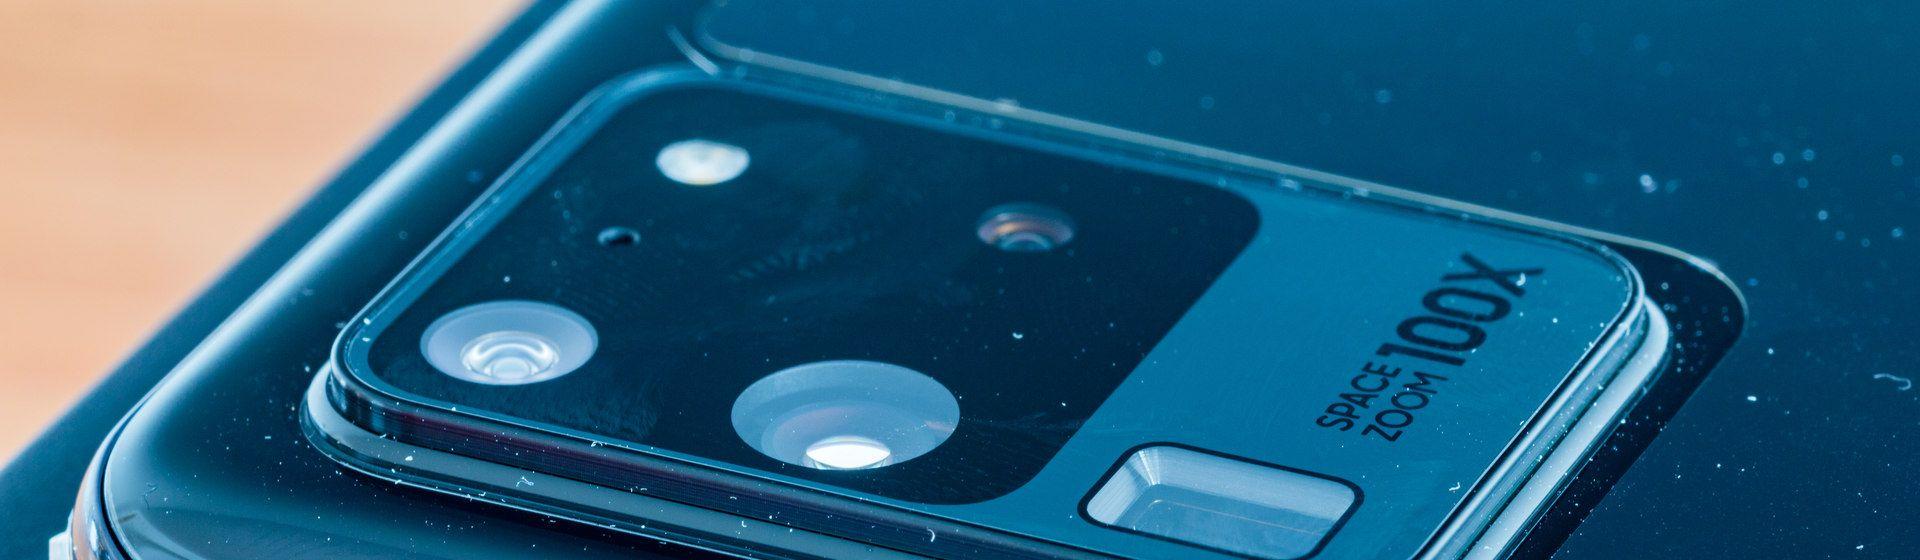 Galaxy S21 Ultra tem suposta foto da lua vazada e mostra evolução nas câmeras